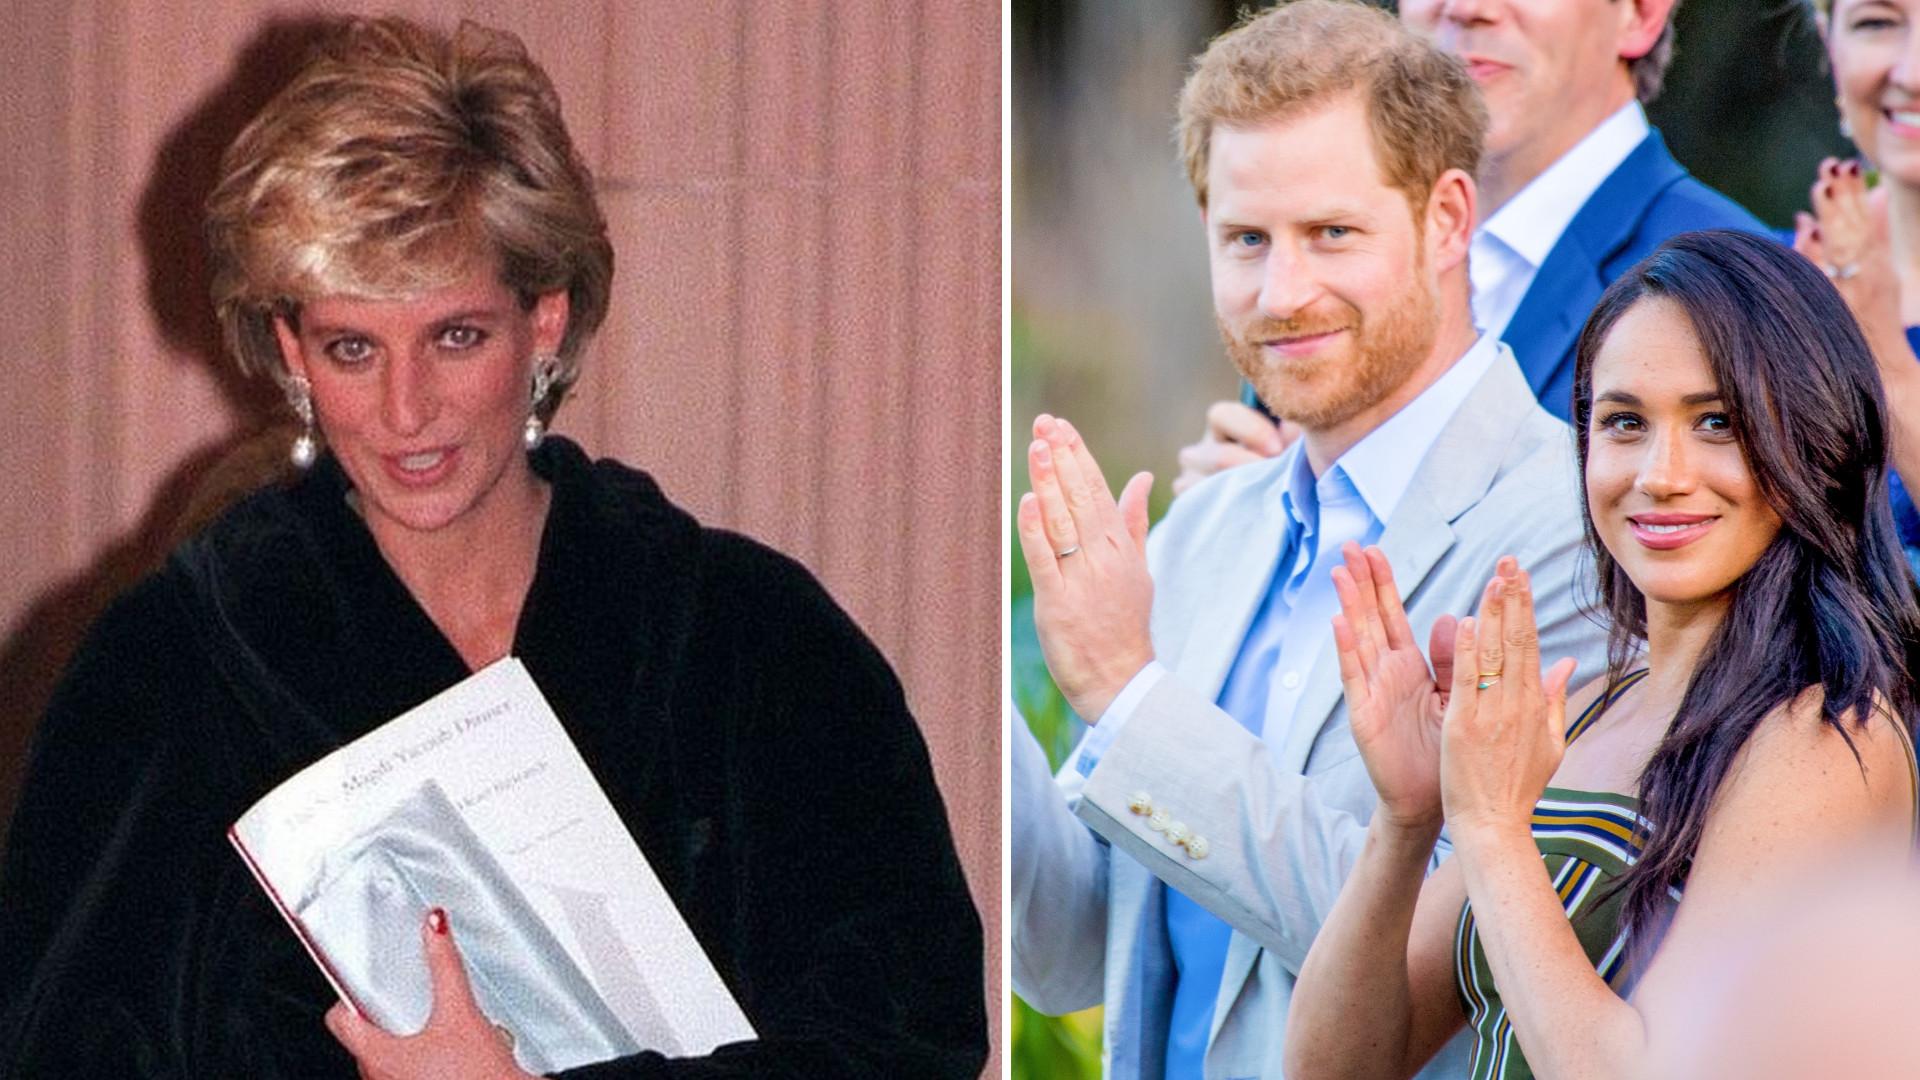 Wróżka księżnej Diany przewiduje losy małżeństwa Harry'ego i Meghan. Tak to się skończy